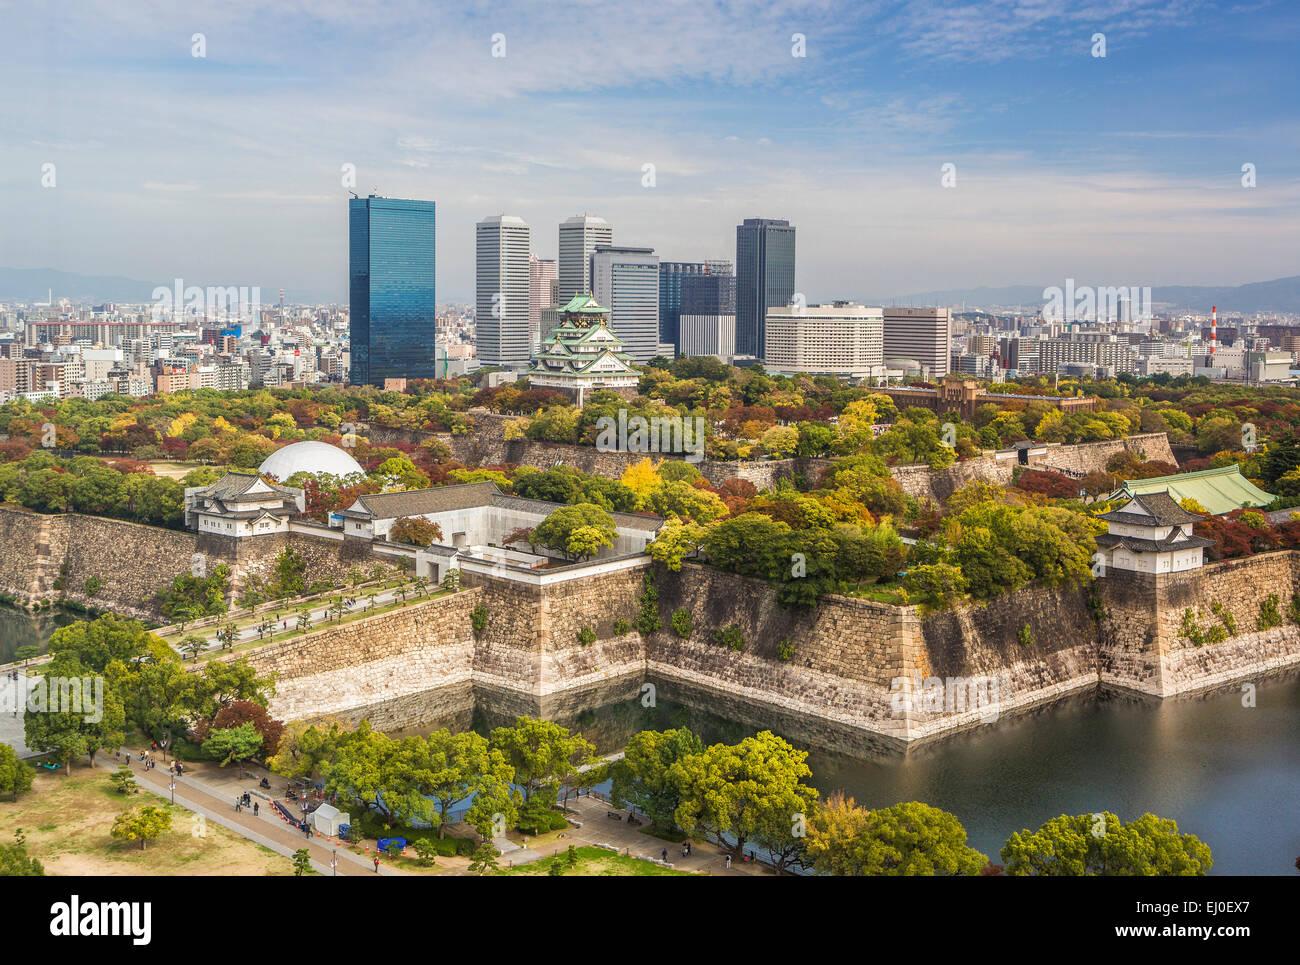 Giappone, Asia, Kansai, paesaggio, Osaka, Castello, architettura, colorato, caduta, fortezza, storia, nessun popolo, Immagini Stock